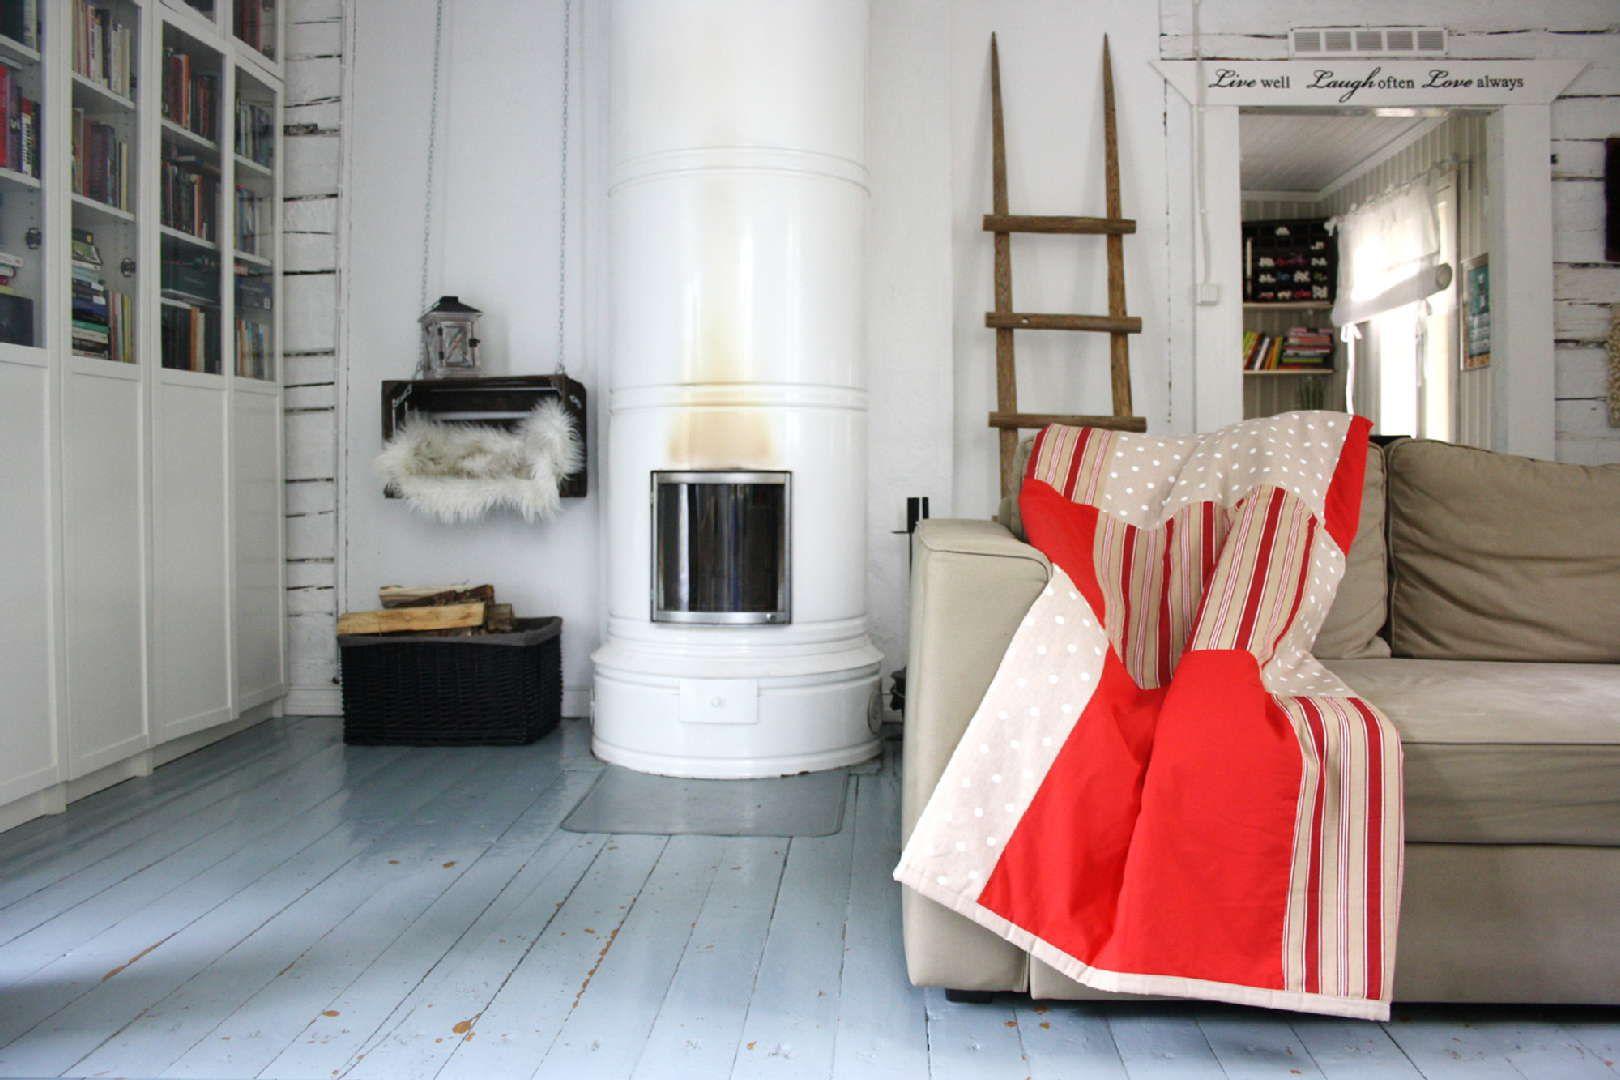 Punasävyinen tilkkupeite tuo lämmintä värikylläisyyttä valkeaan takkahuoneeseen. Klikkaa kuvaa, niin näet tarkemmat tiedot!